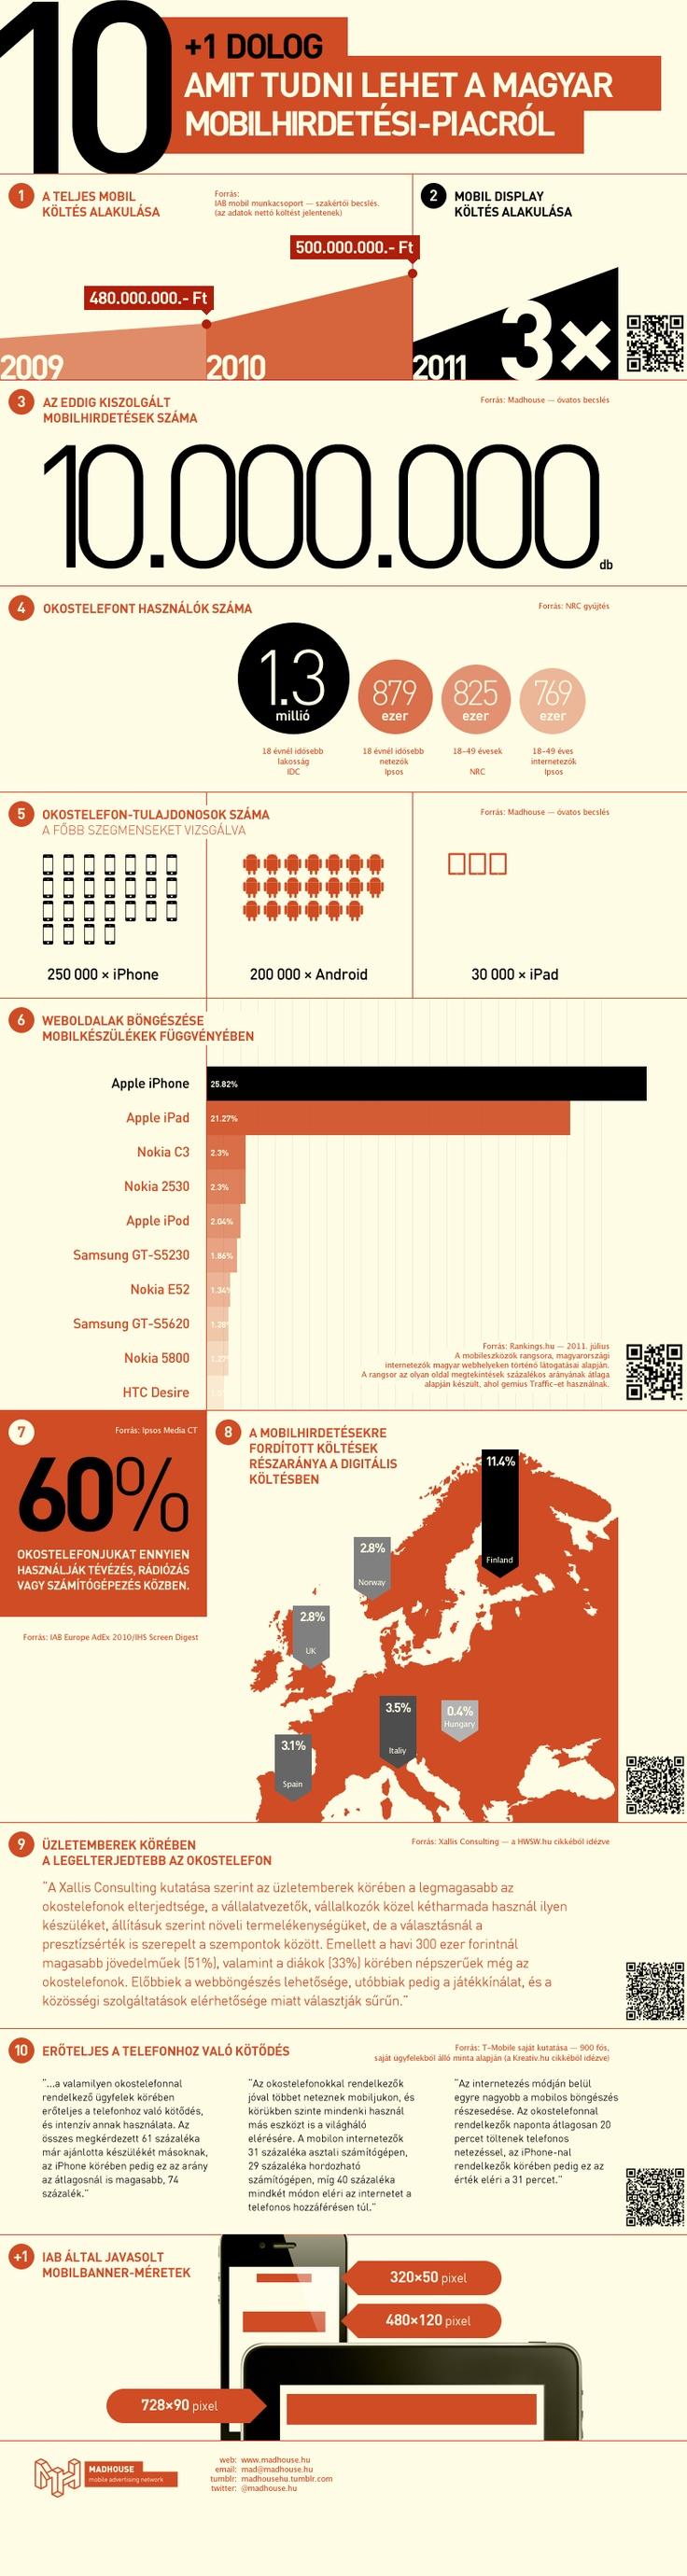 10+1 dolog, amit tudni lehet a magyar mobilhirdetés-piacról